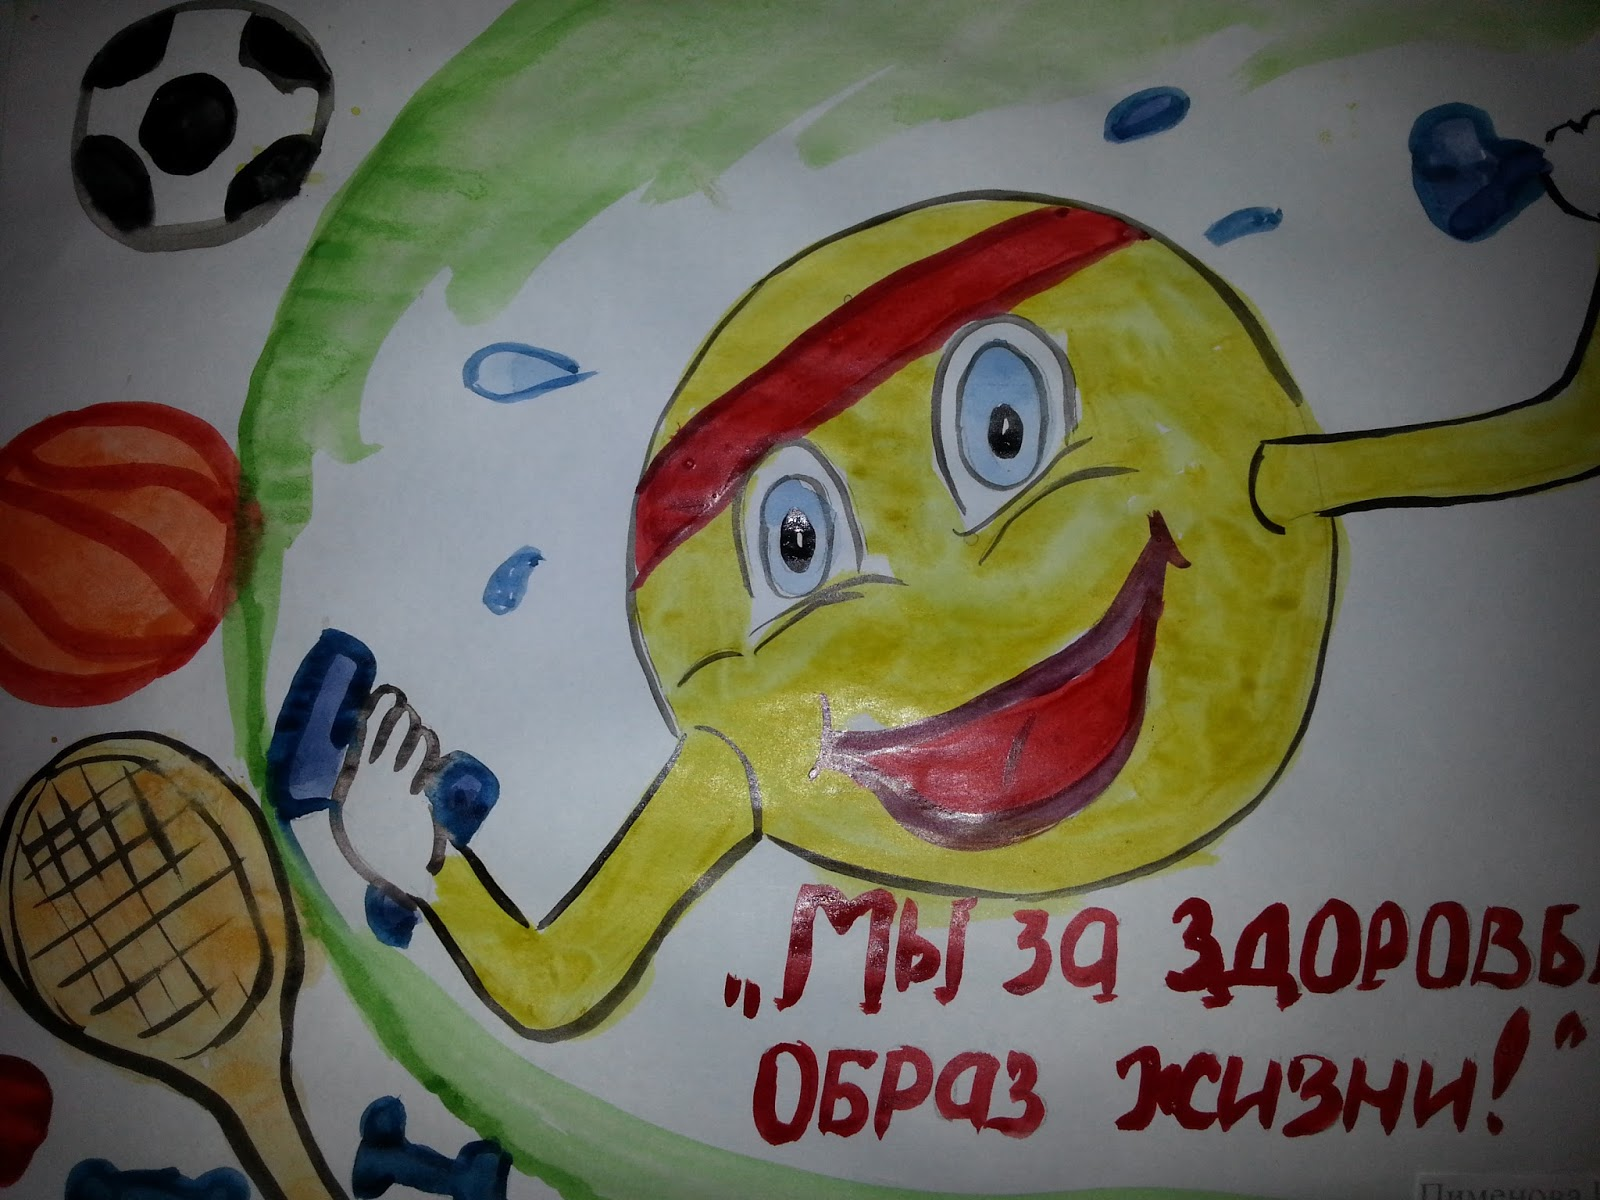 Как сделать зернодробилку своими руками в домашних условиях